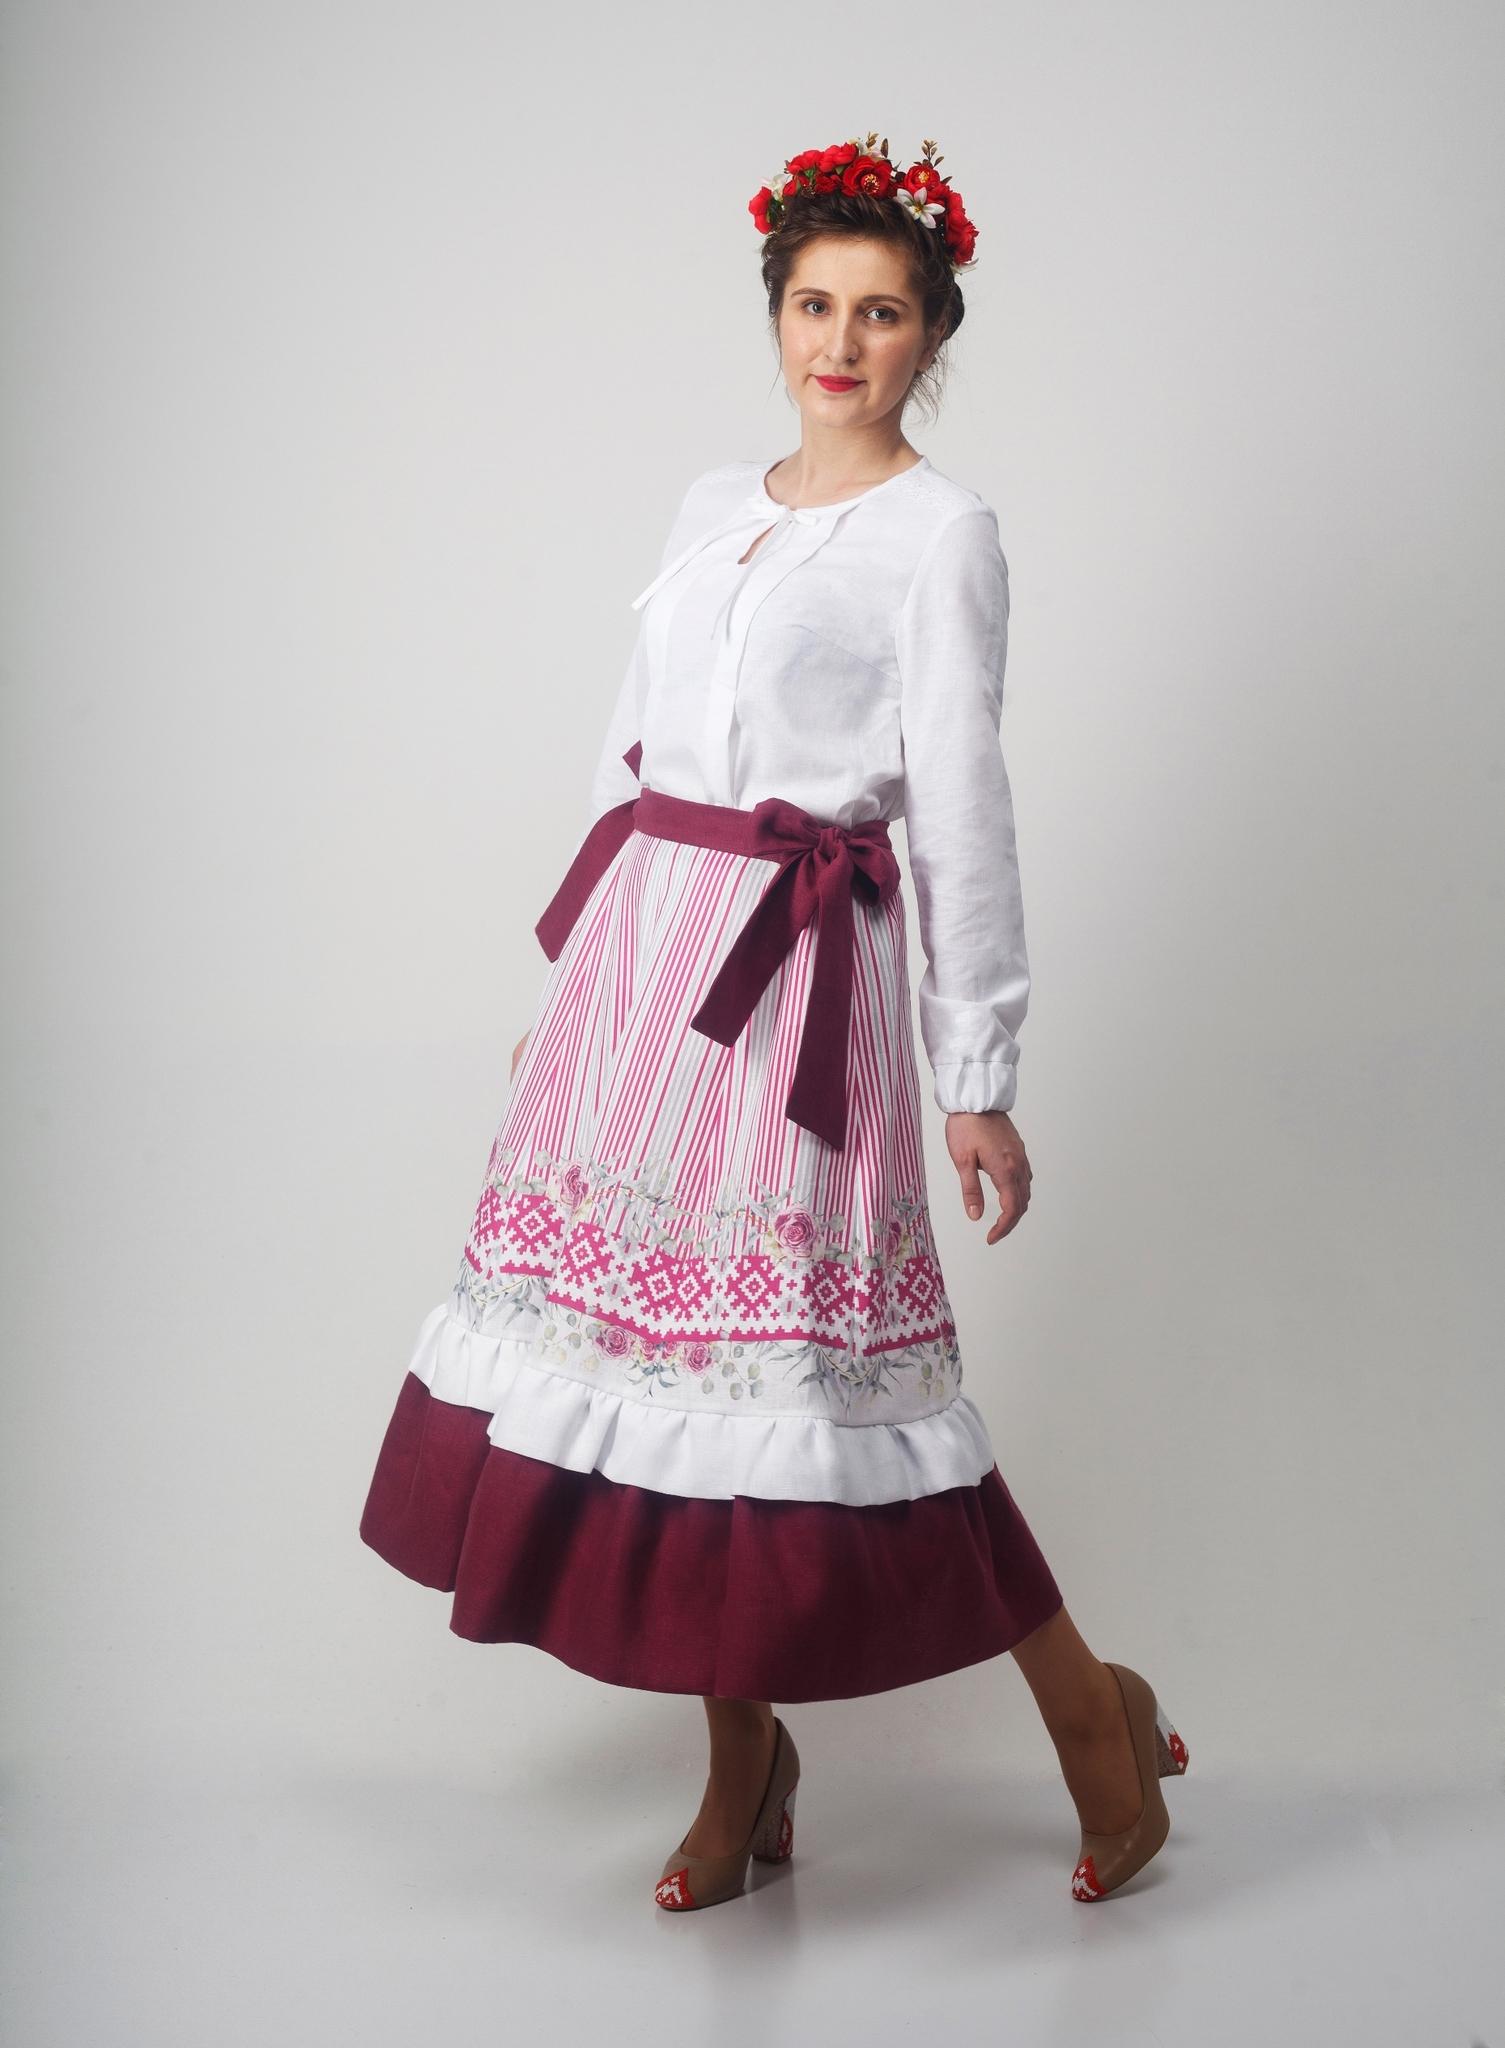 Блуза Самоцветы Хрусталь с Юбкой Хозяйка тайги